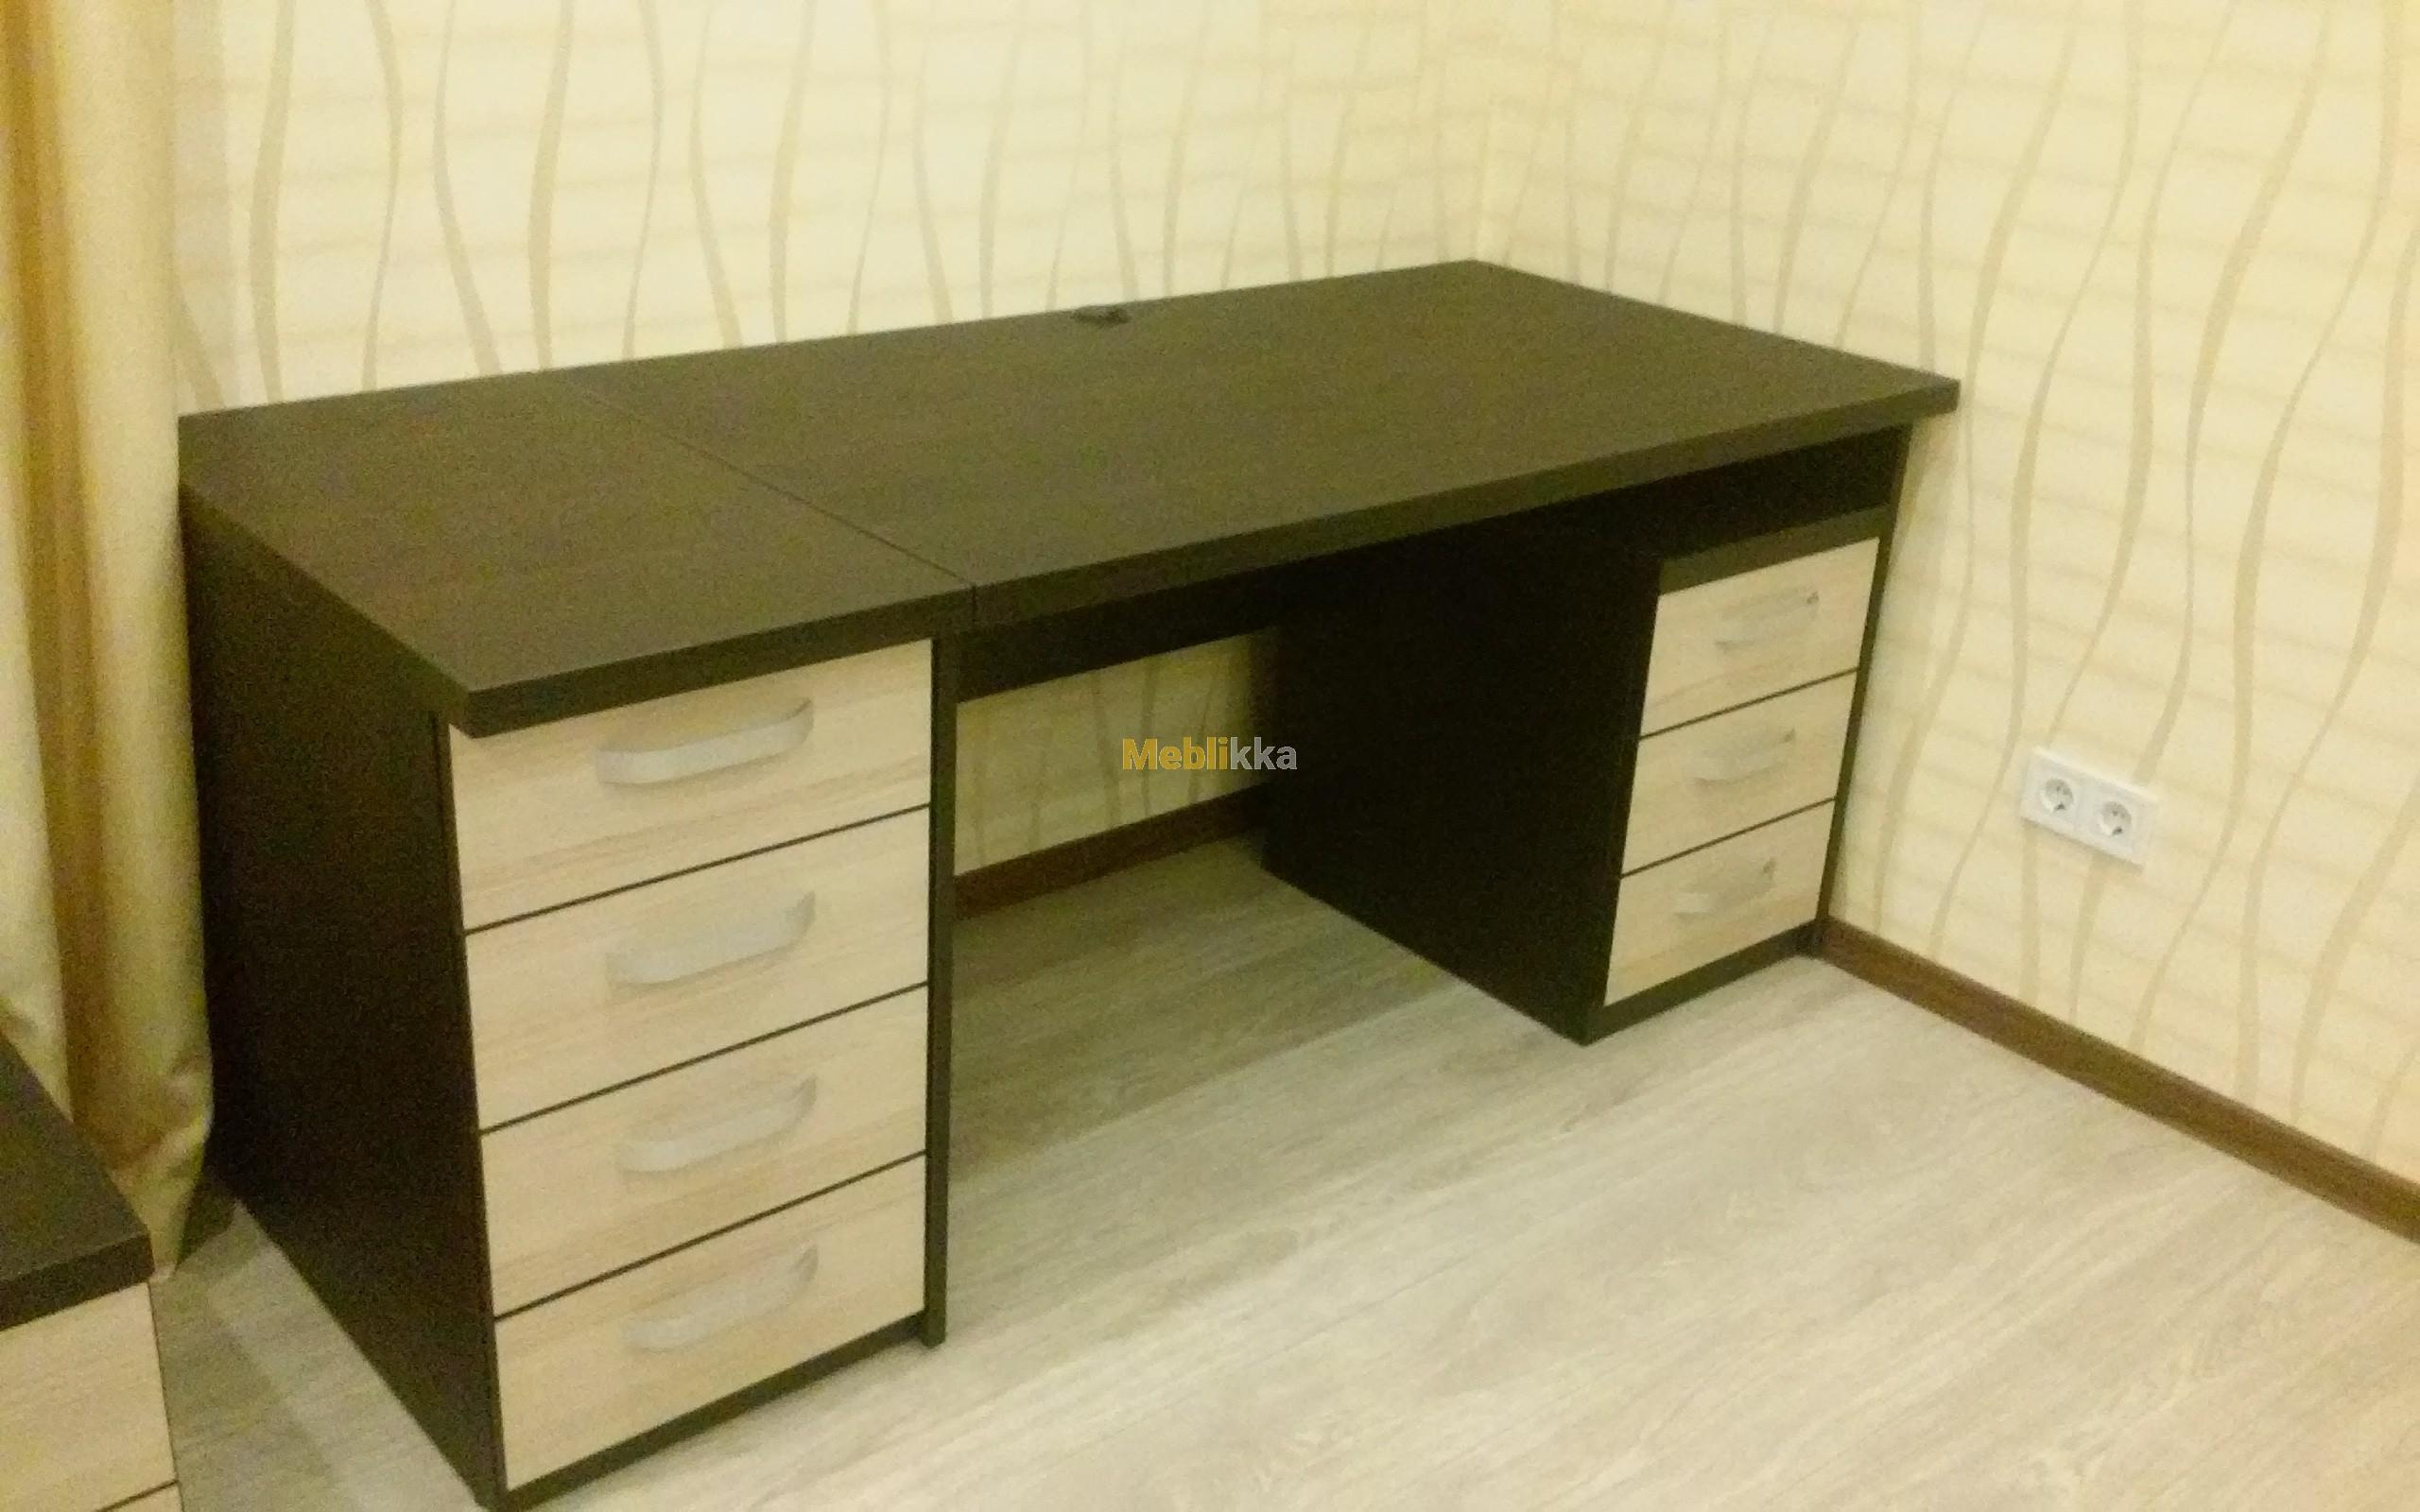 Стол письменный - интернет магазин мебели харьков: цена, фот.